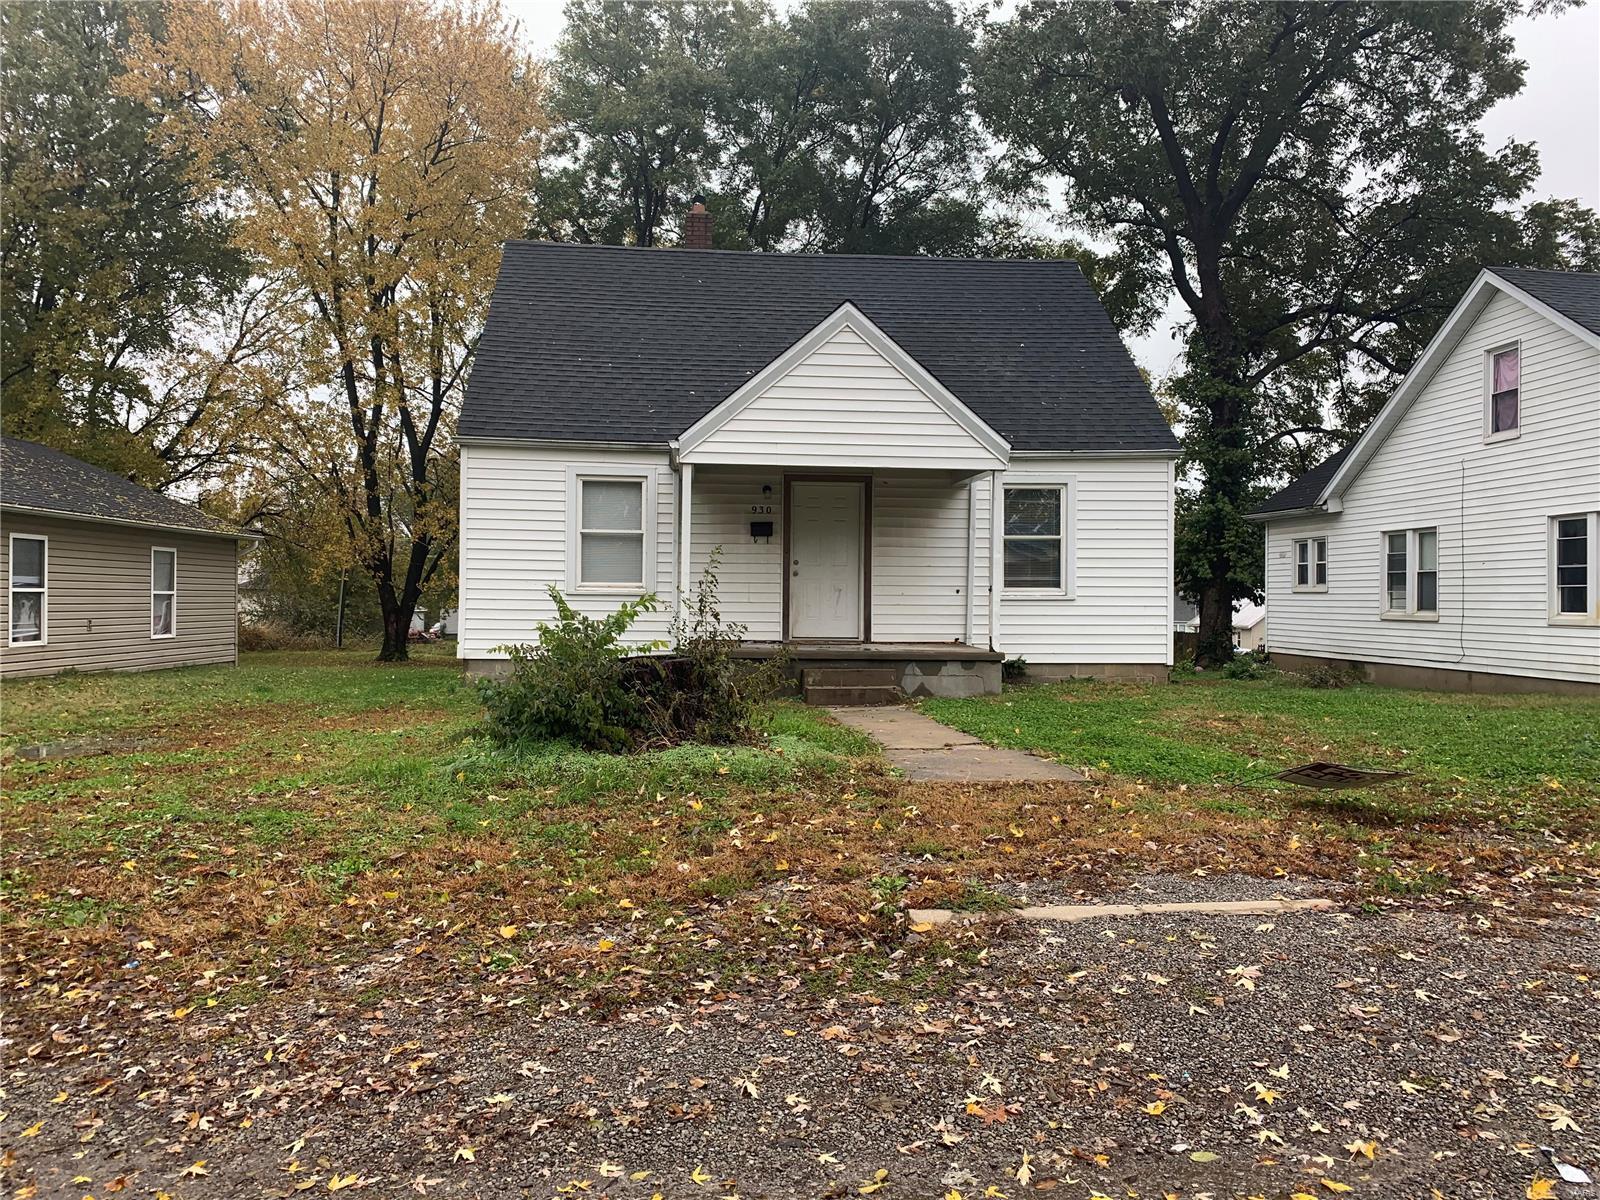 930 S Benton Street Property Photo